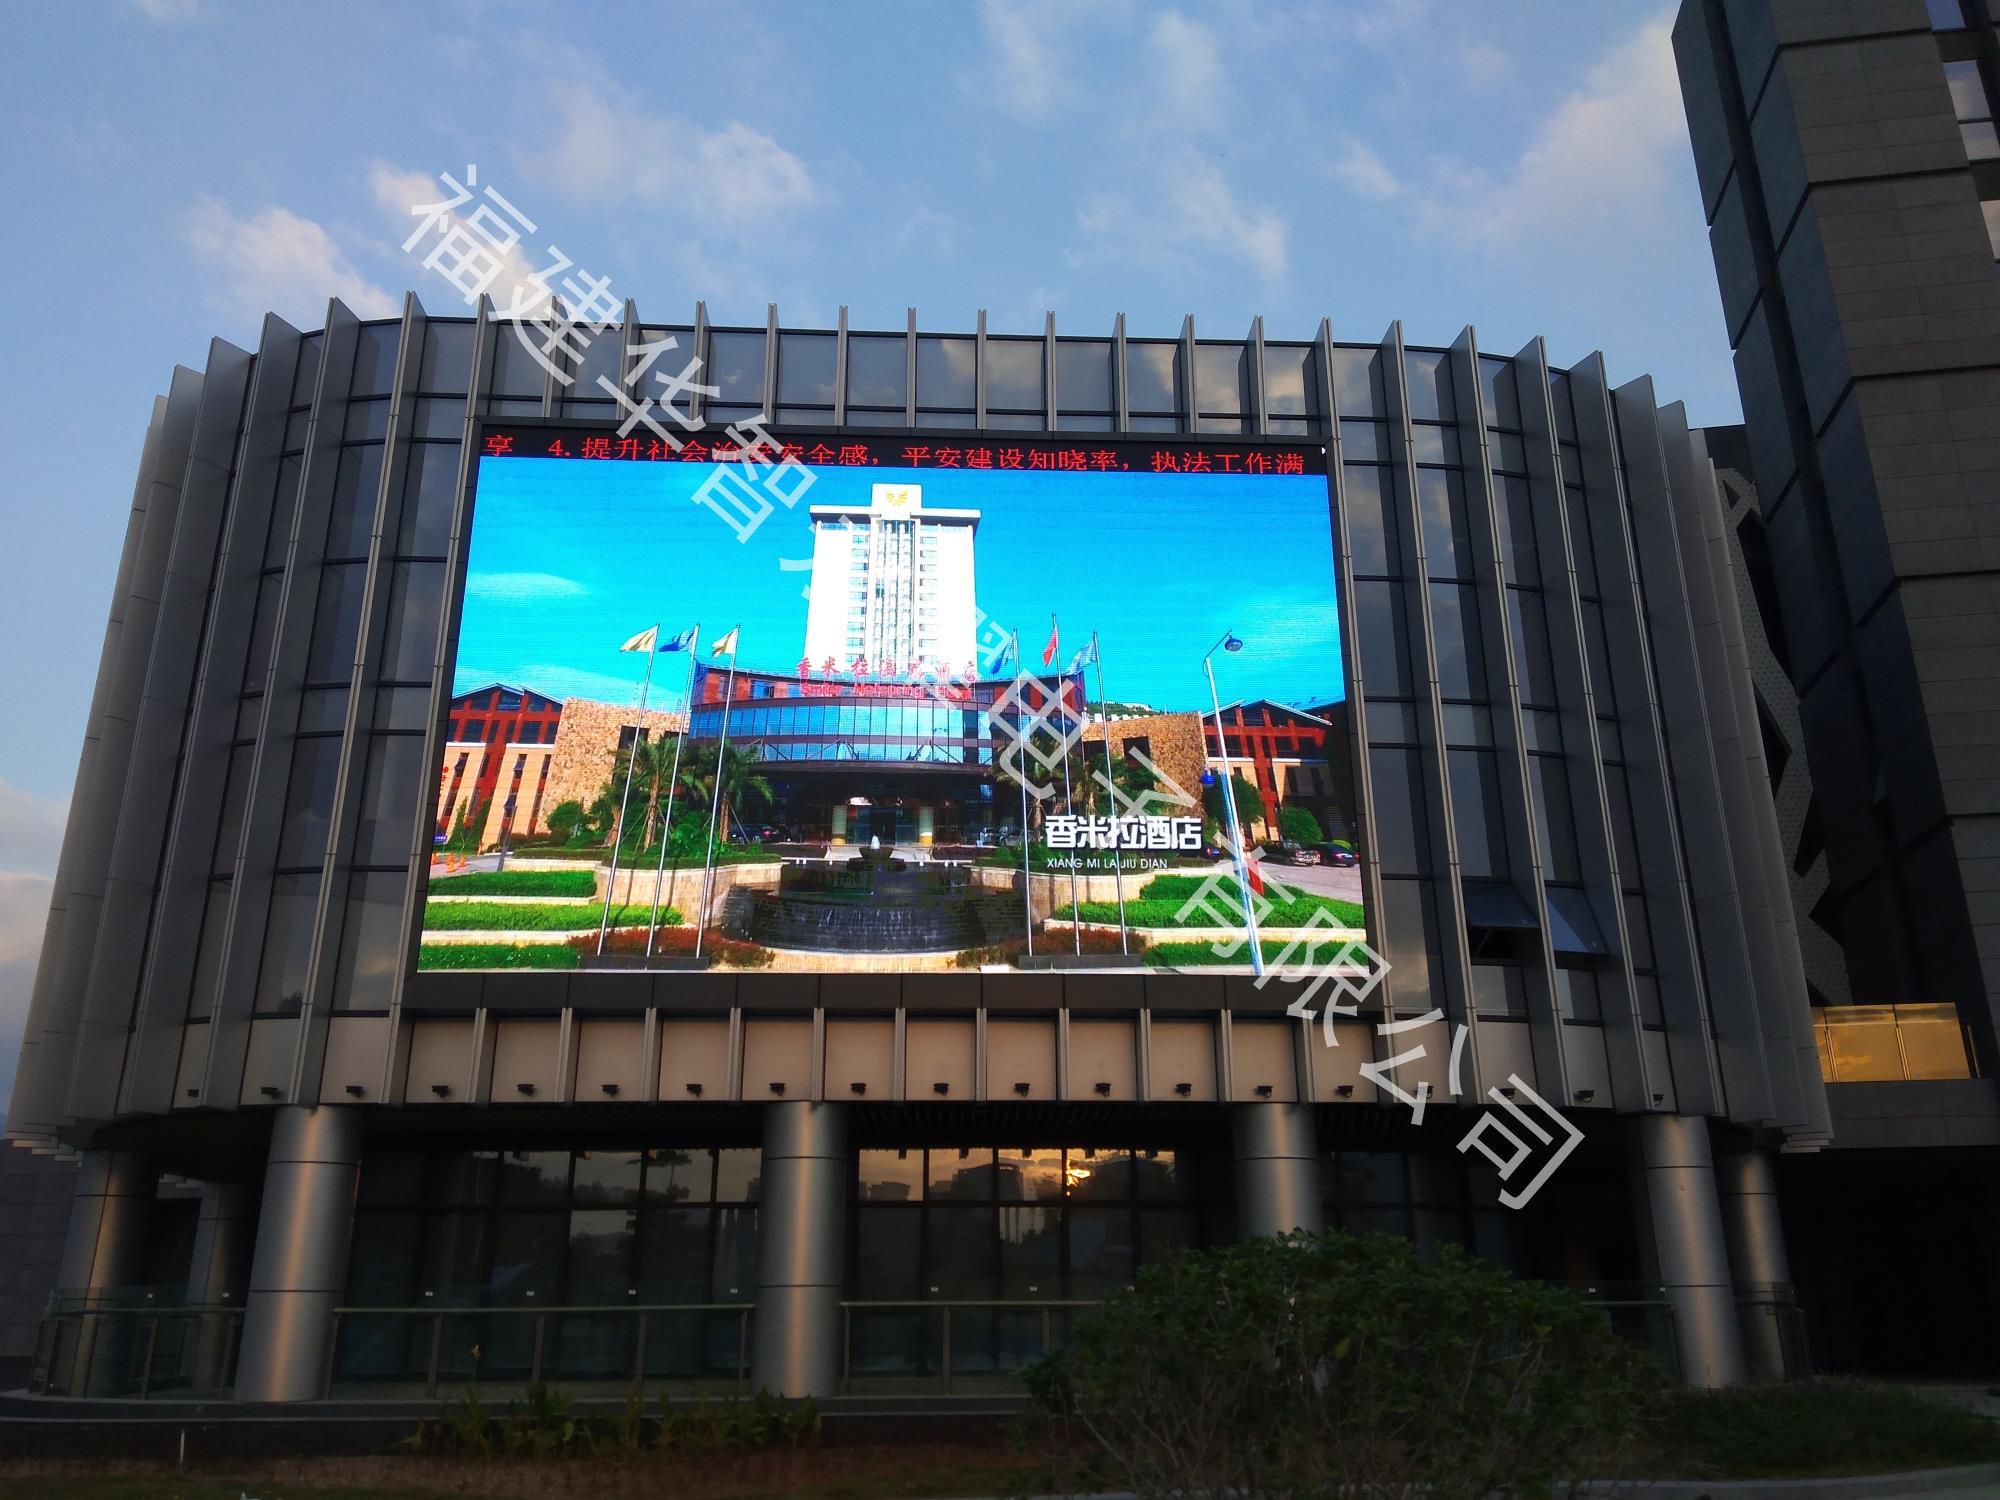 永泰六馆一中心户外显示屏